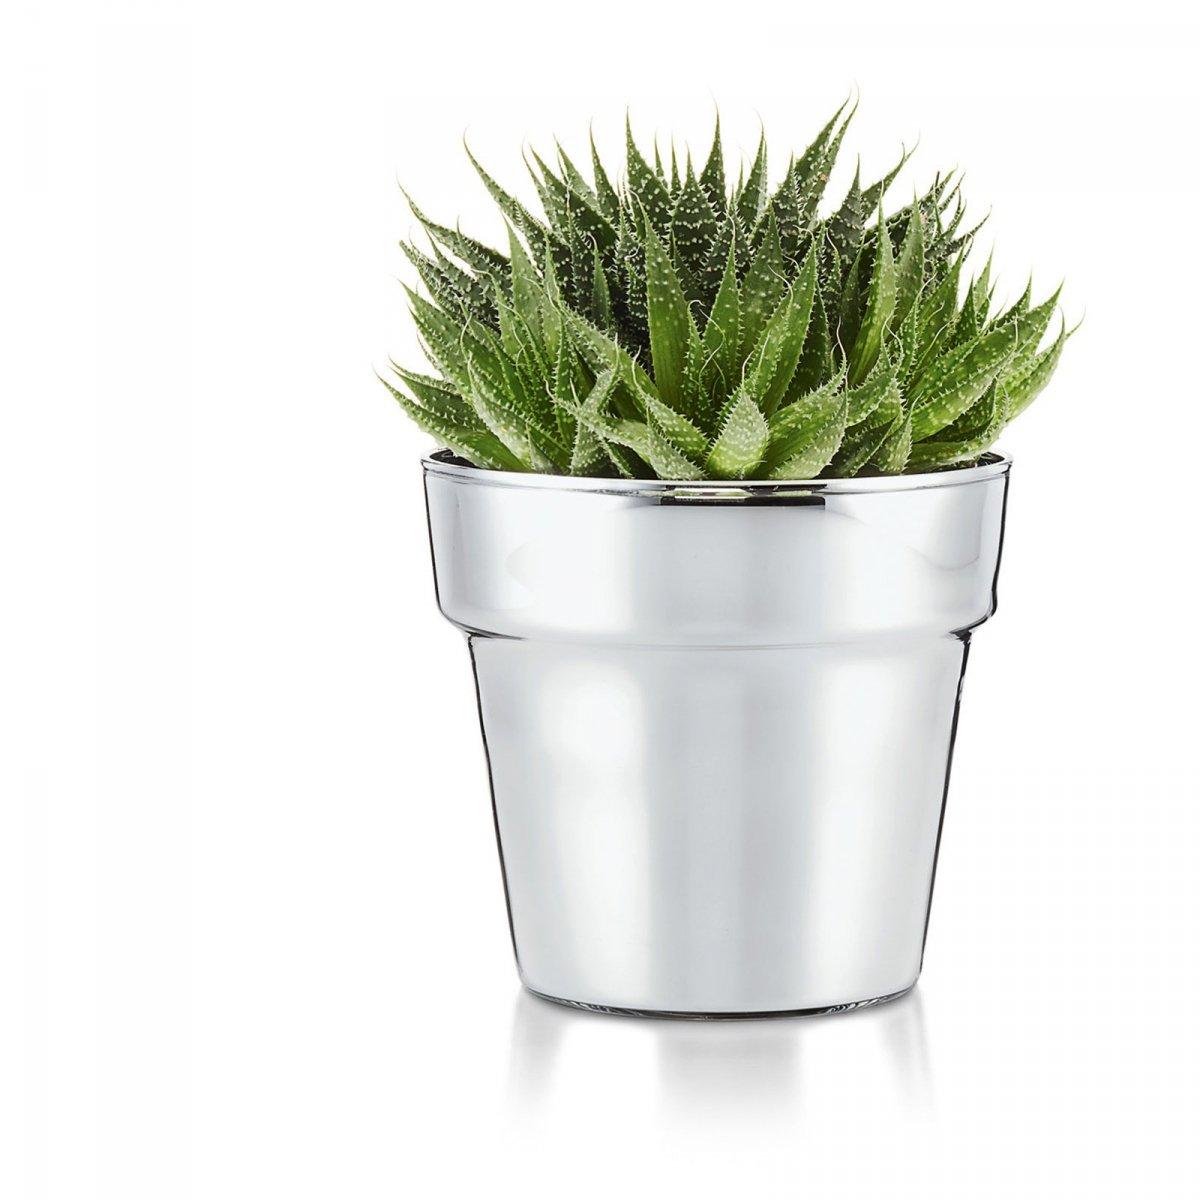 Philippi Pot Doniczka Do Kwiatów 13 Cm Chromowana